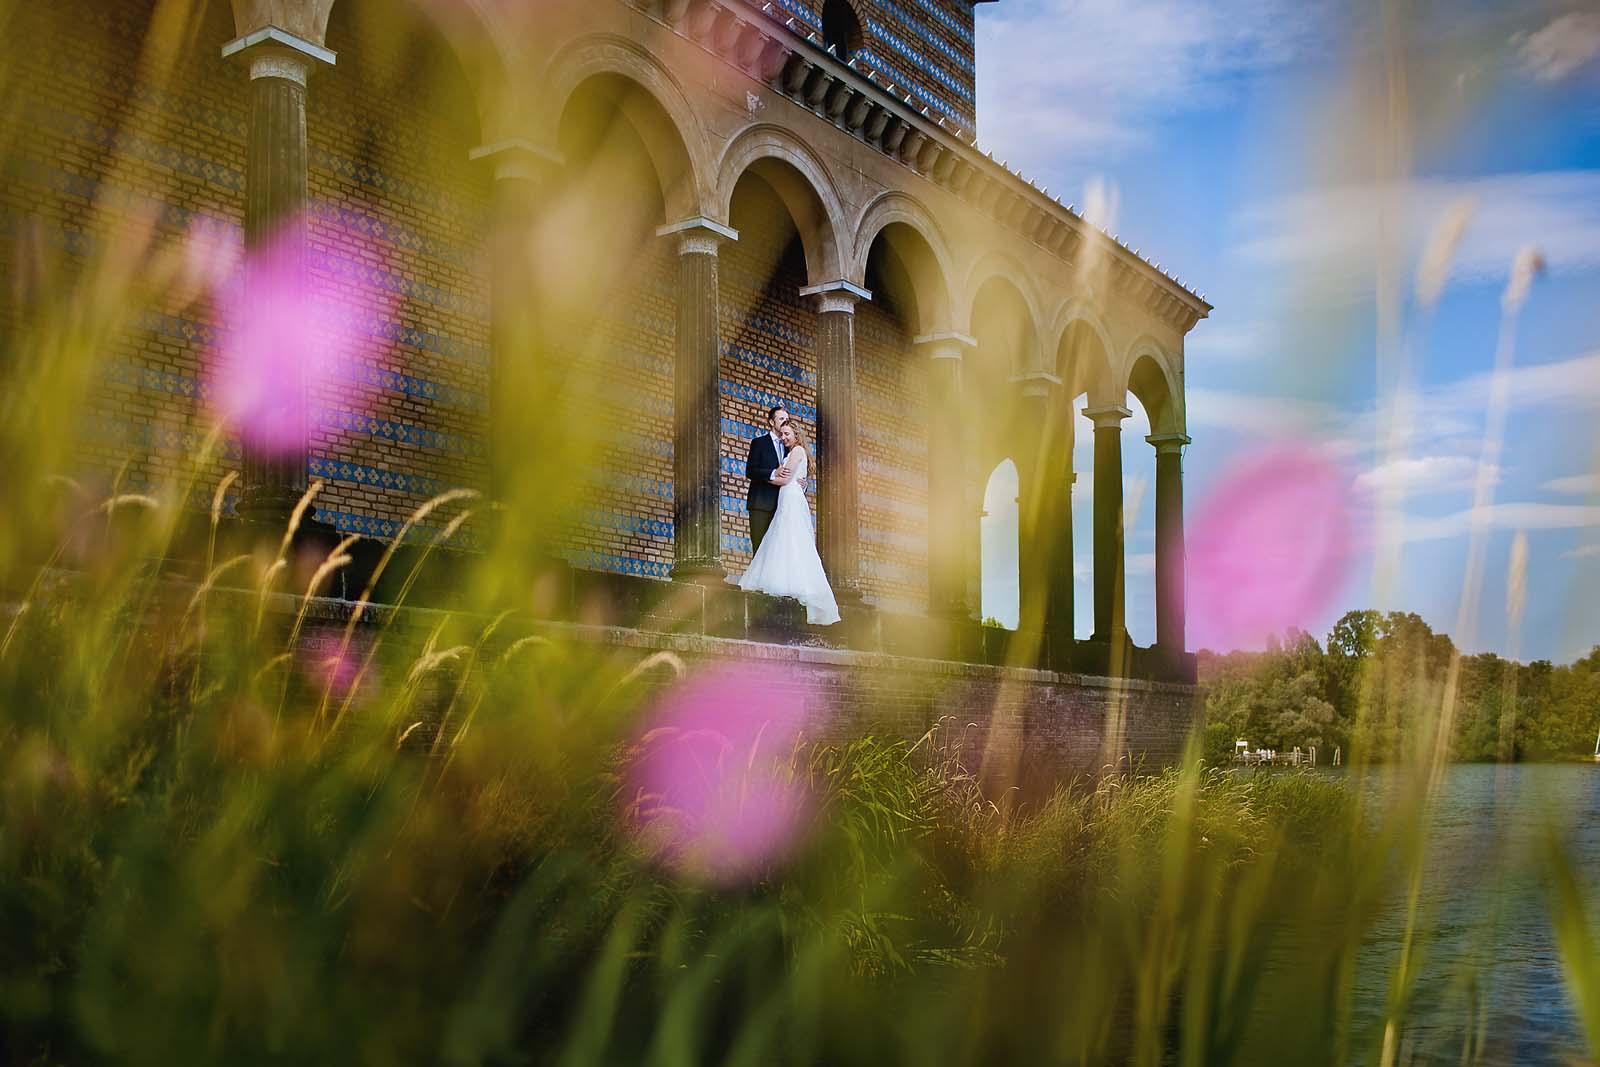 Professioneller Hochzeitsfotograf begleitet eine Hochzeit an der Heilandskirche Sacrow Potsdam Copyright by Hochzeitsfotograf www.berliner-hochzeitsfotografie.de